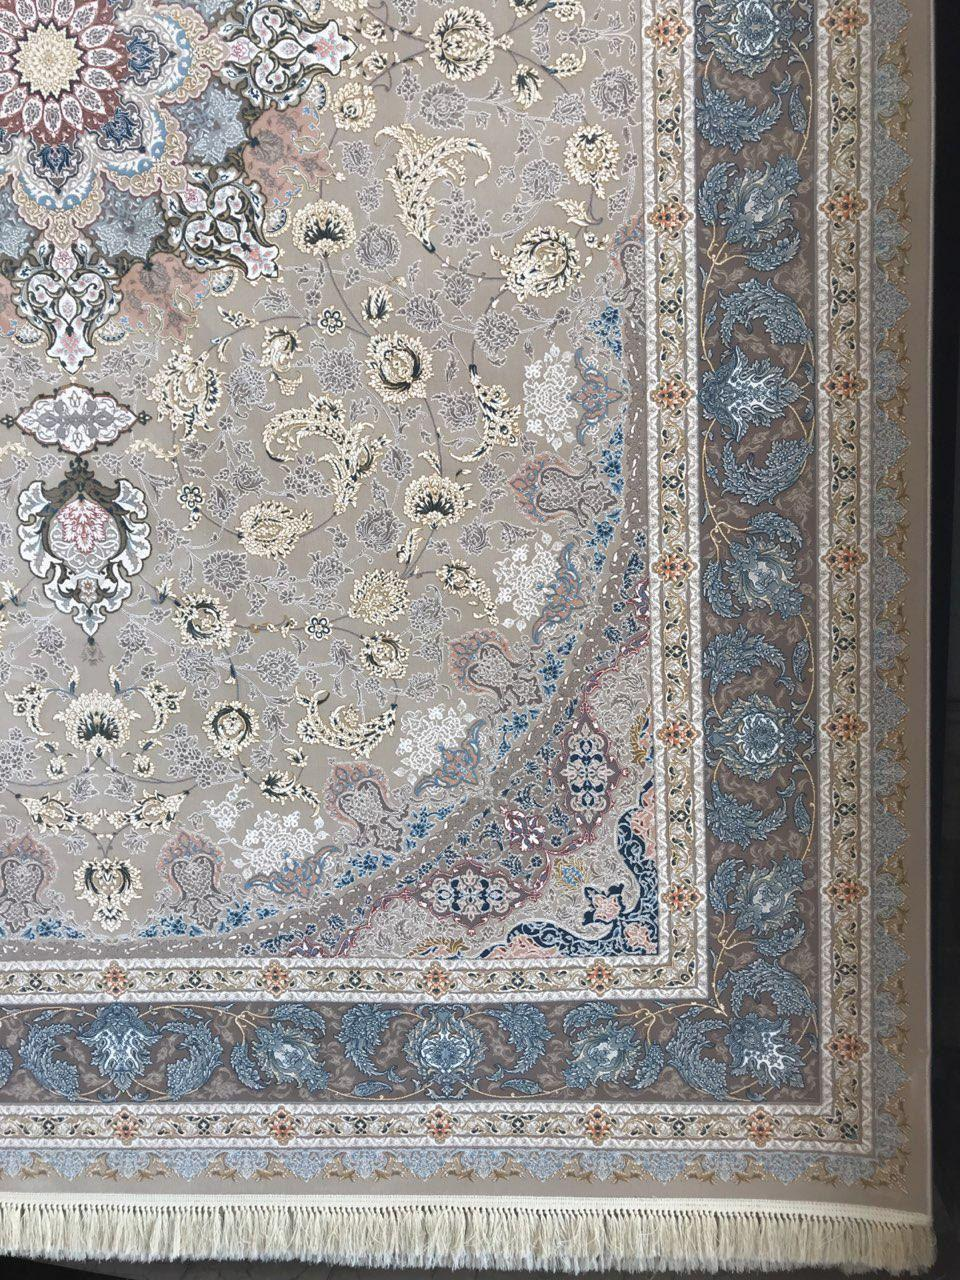 فرش 1200 شانه گل برجسته نقشه نایین زمینه فیلی حاشیه شکلاتی